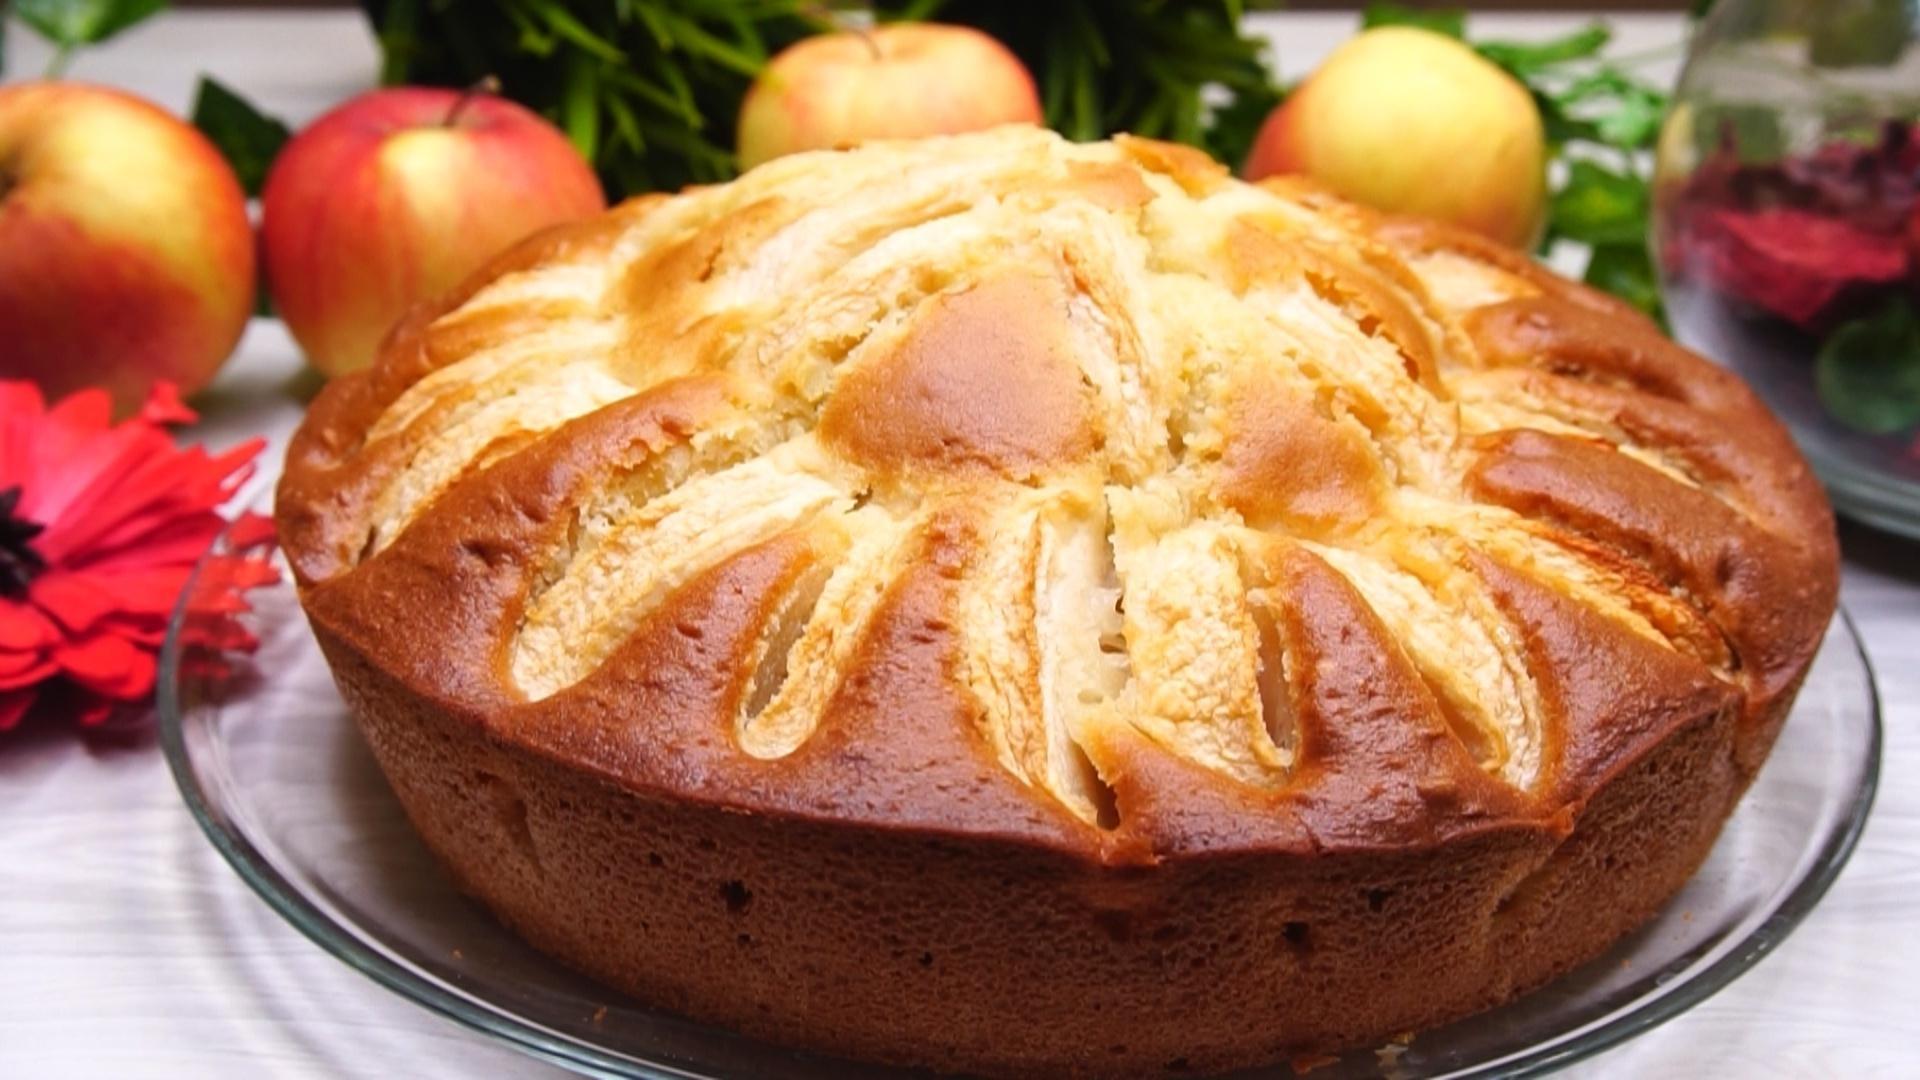 Рецепт восхитительного пирога с фруктами за 10 минут + время на выпечку